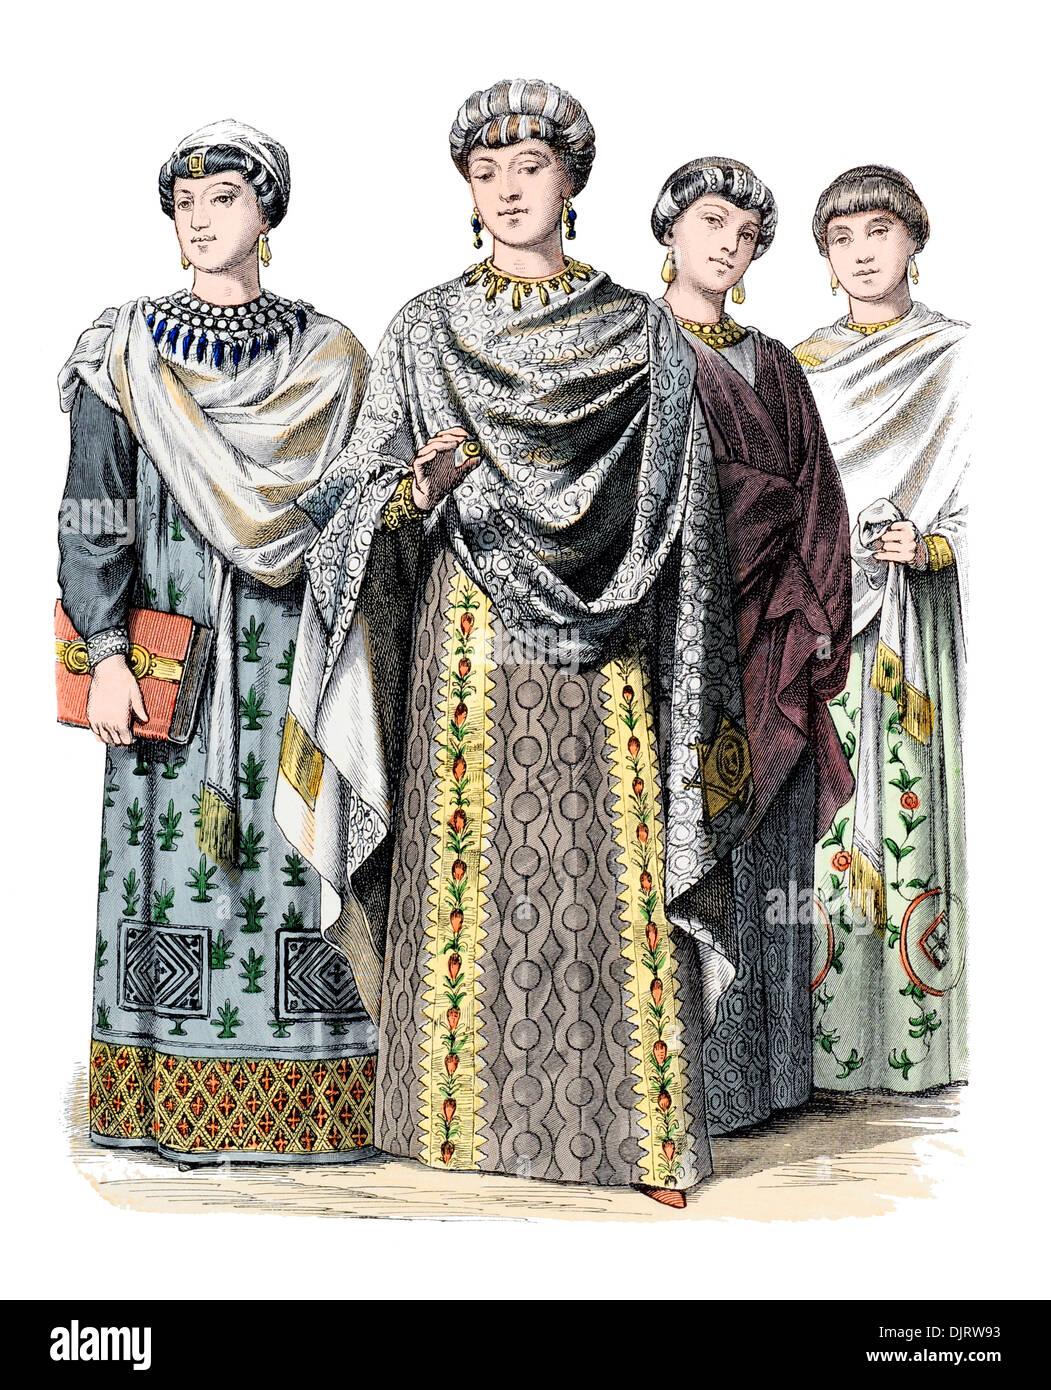 6ème siècle VI 500s Byzance est de l'Empire romain, l'impératrice Théodora et les courtisanes Photo Stock